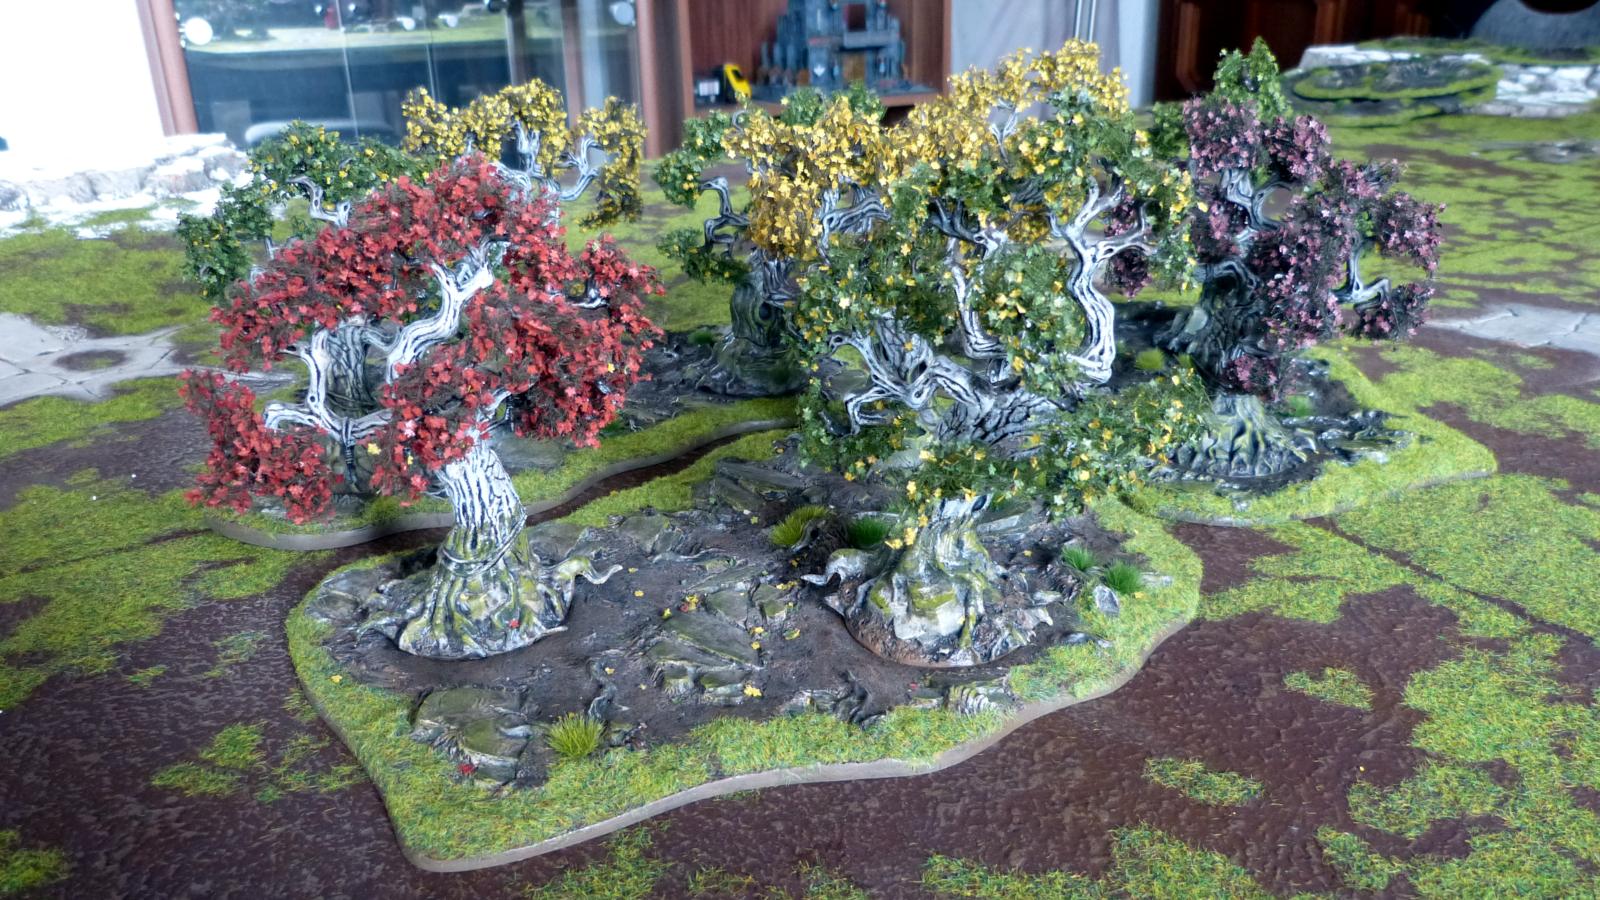 Wälder im Farbrausch